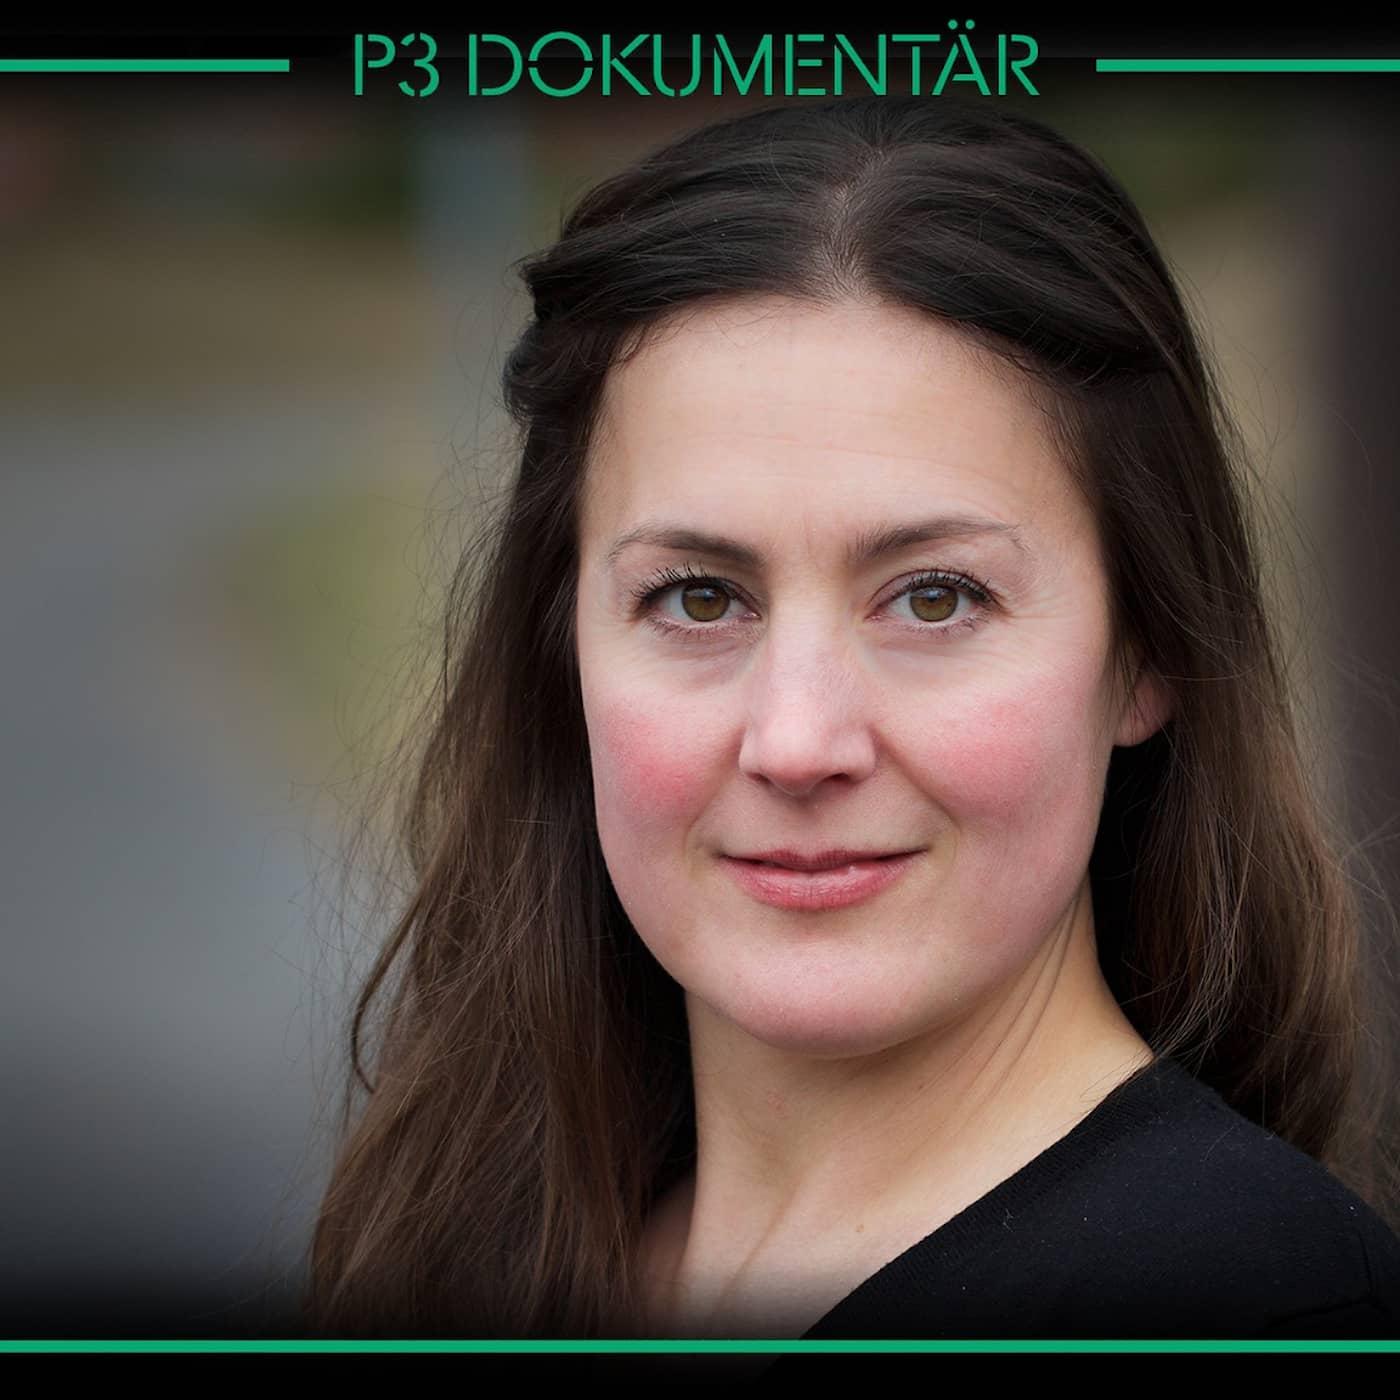 KOMMANDE P3 DOKUMENTÄRER